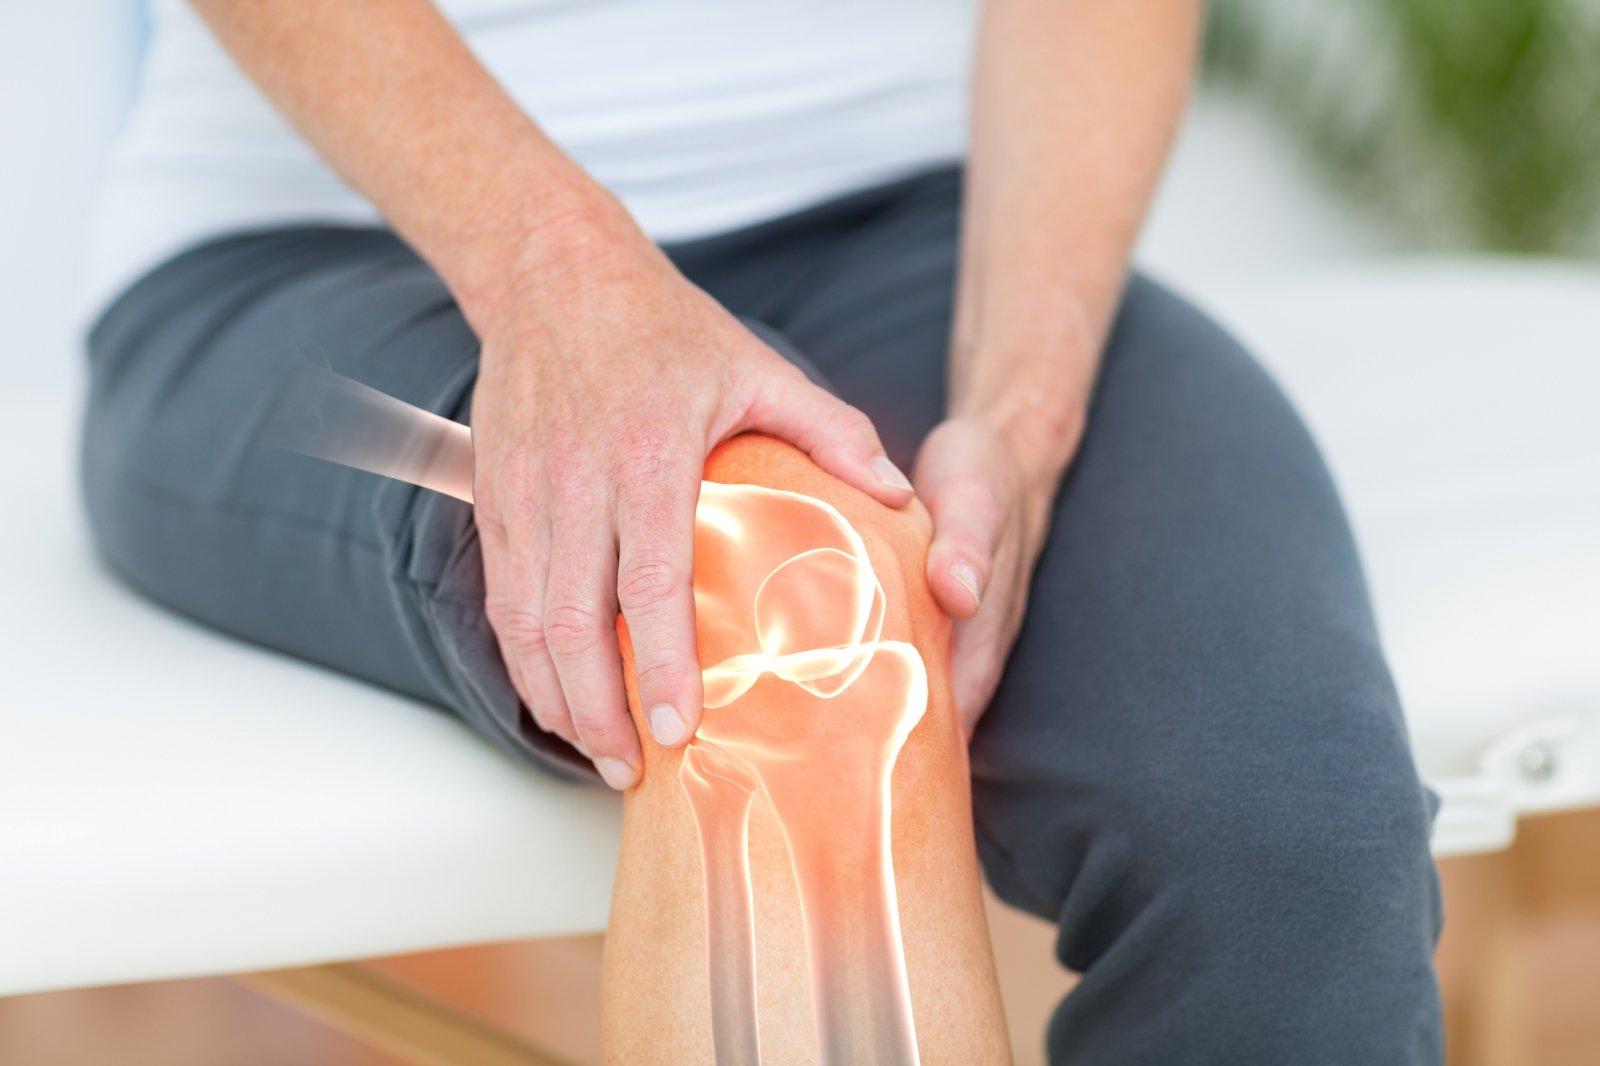 kaip pašalinti skausmą kaulų ir sąnarių priemonė stiprinti sąnarius ir raiščius